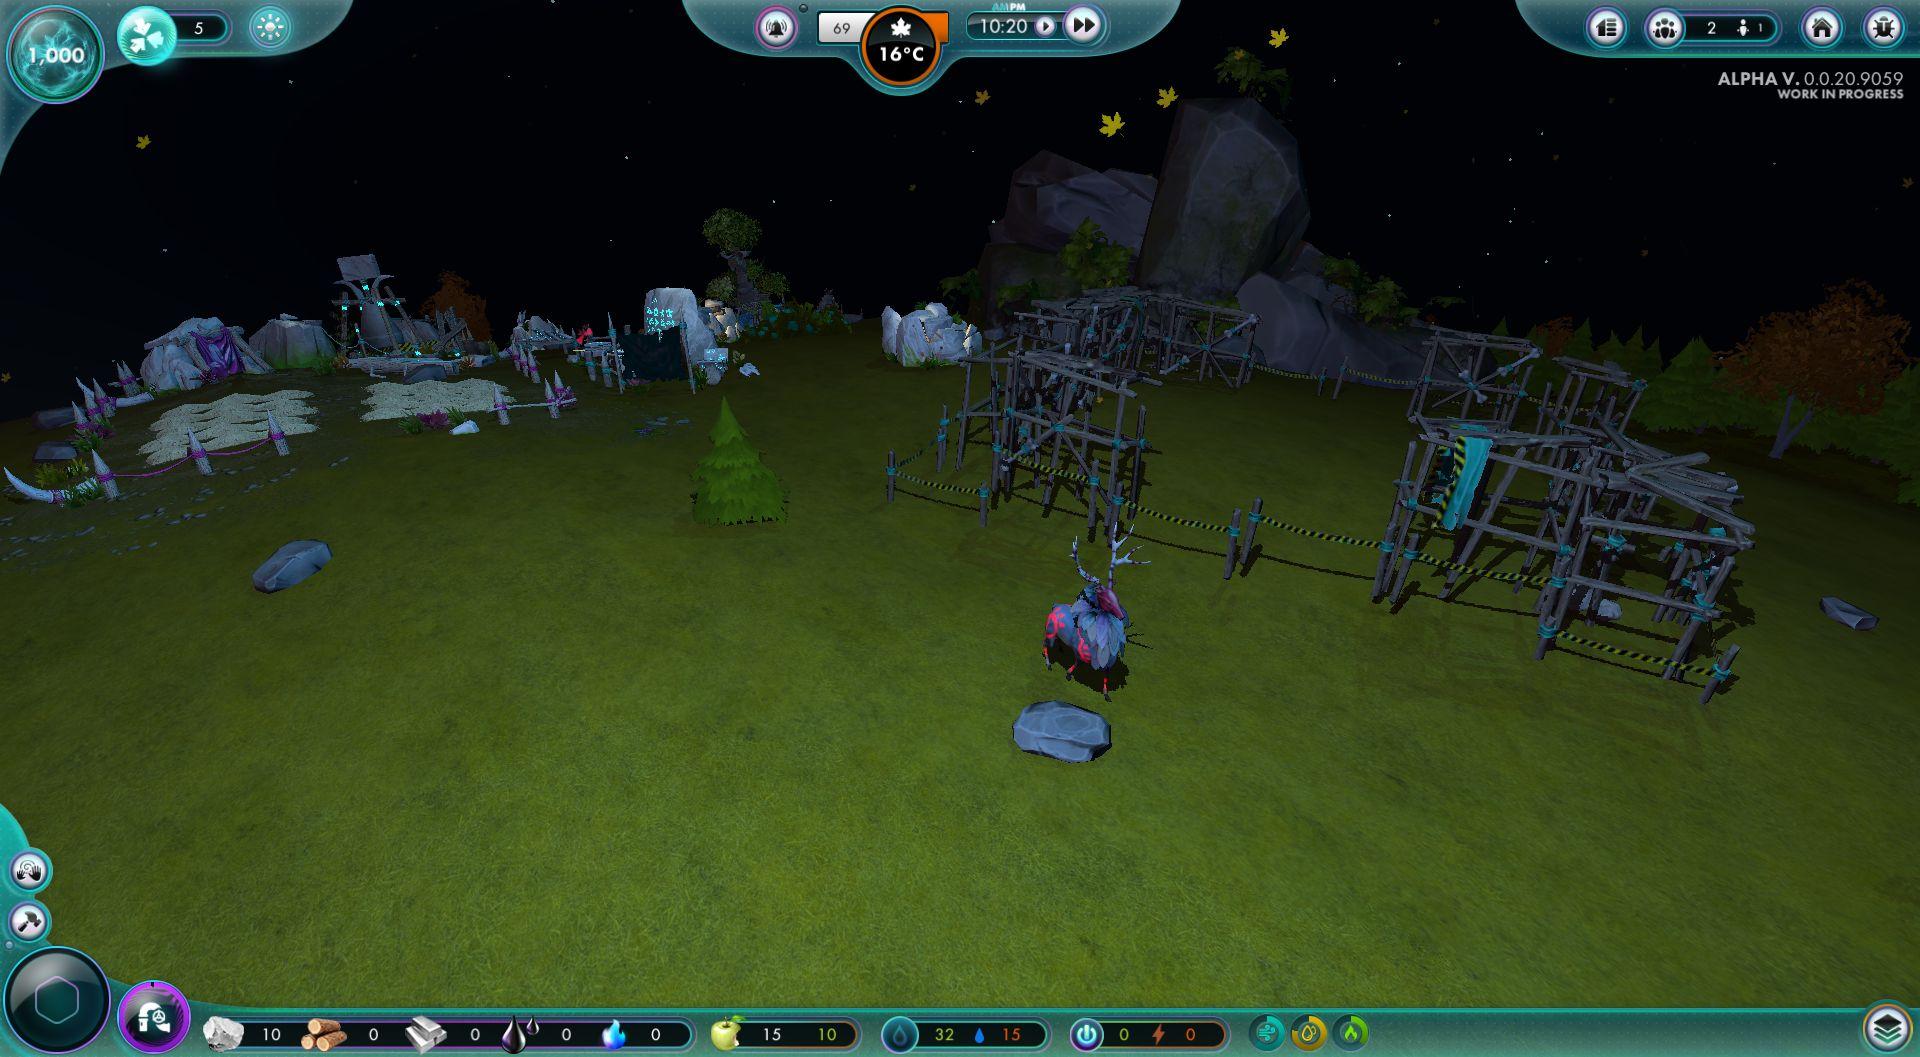 Les Sims 4 datant de la mortImpossible de charger le matchmaking de bibliothèque laissé mort